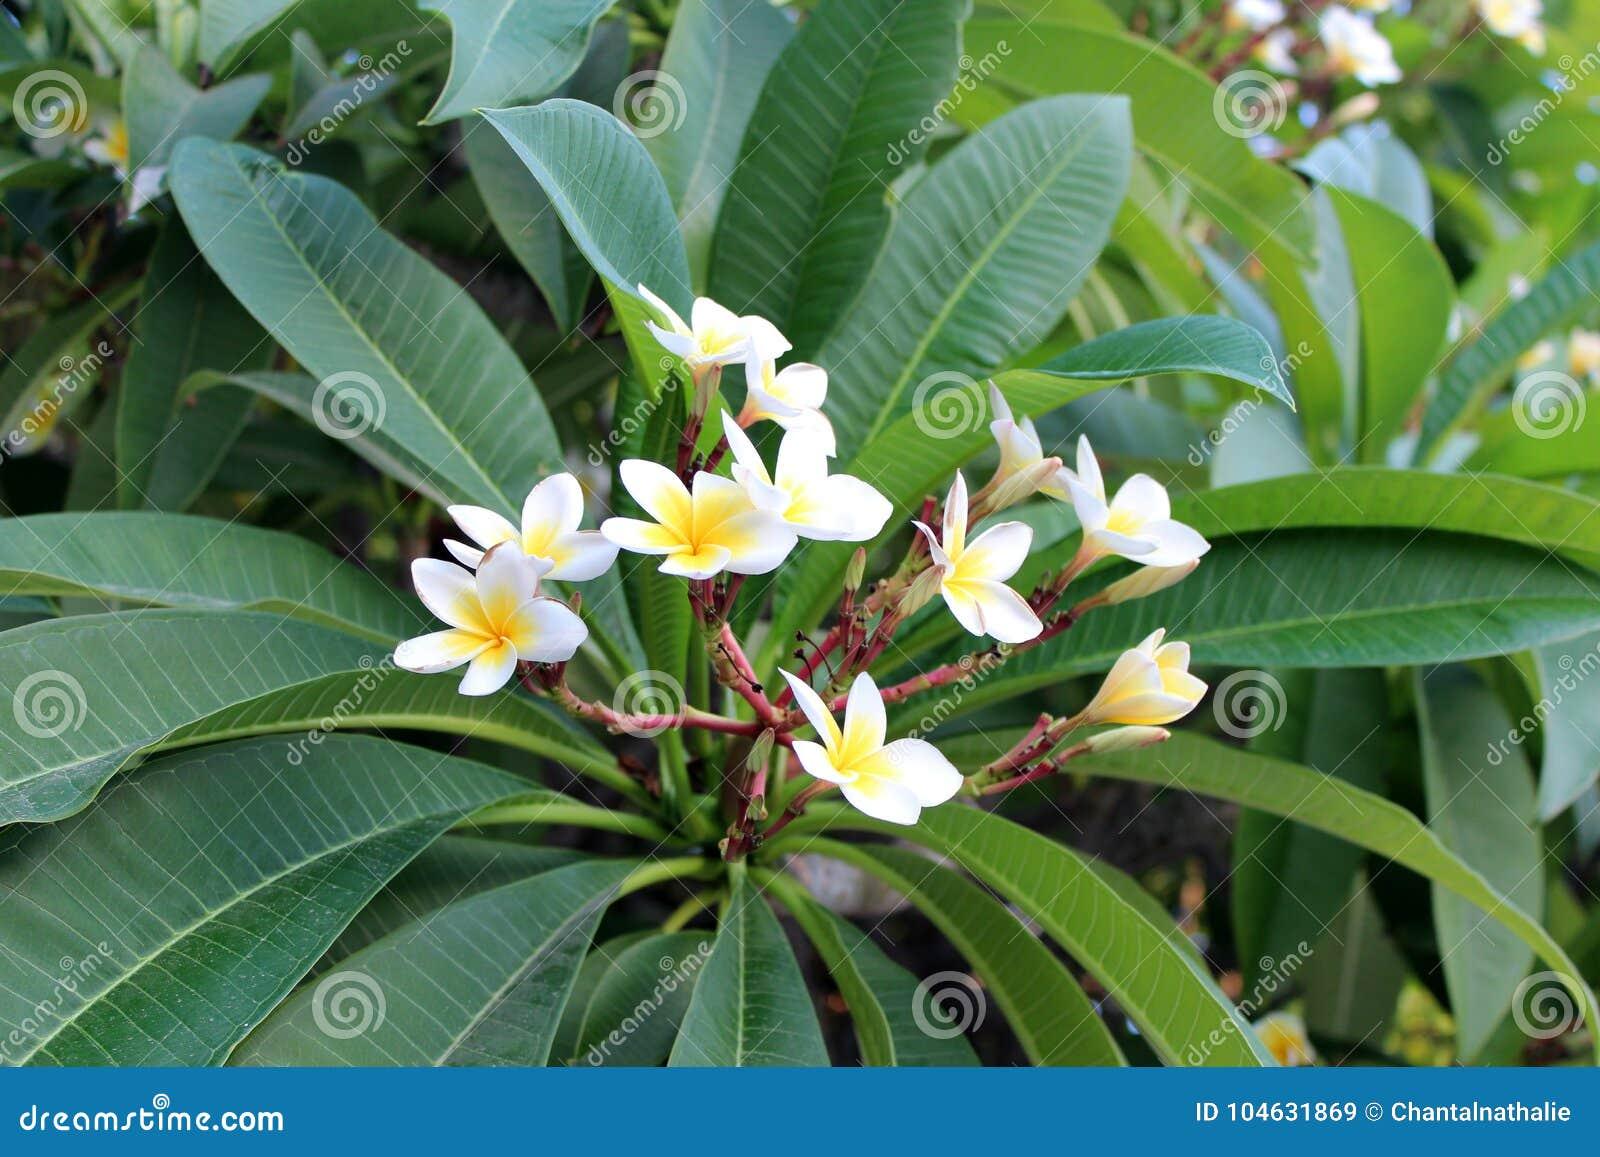 Download Mooie plumeriabloemen stock afbeelding. Afbeelding bestaande uit plantkunde - 104631869